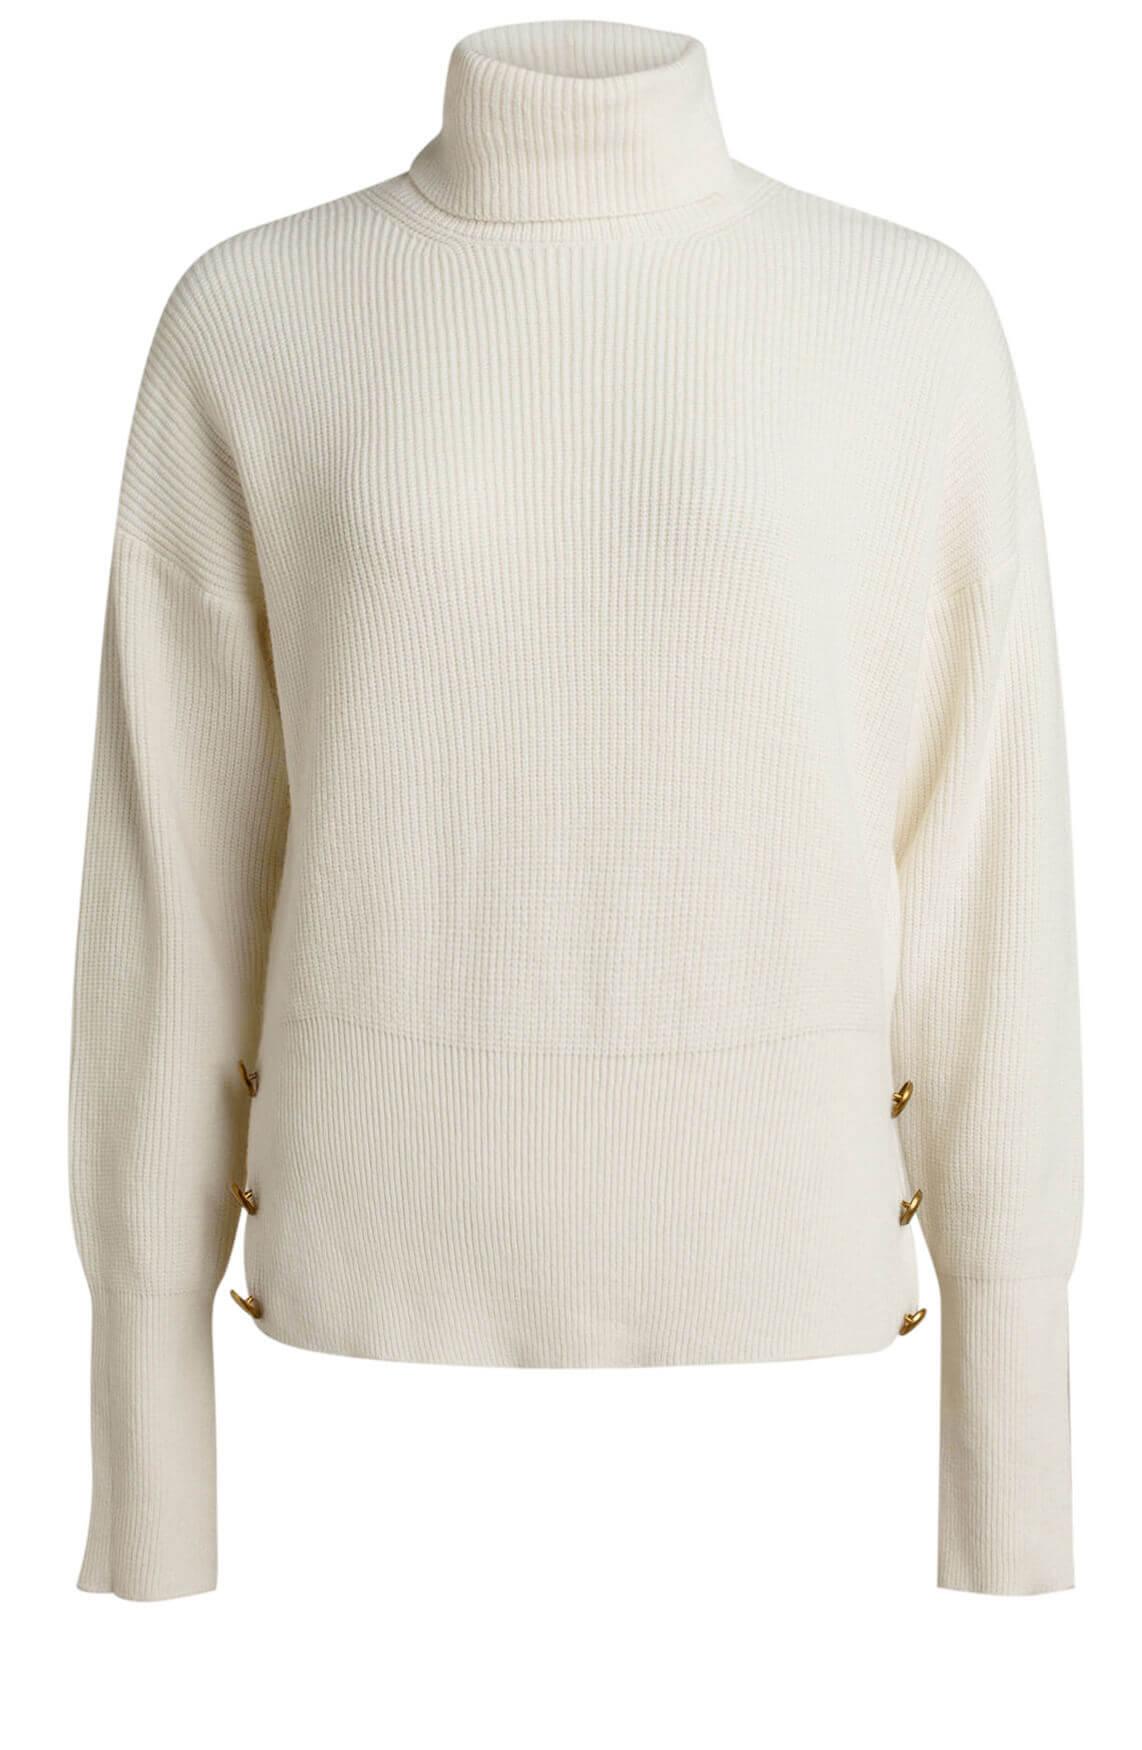 Kocca Dames Ciske pullover wit